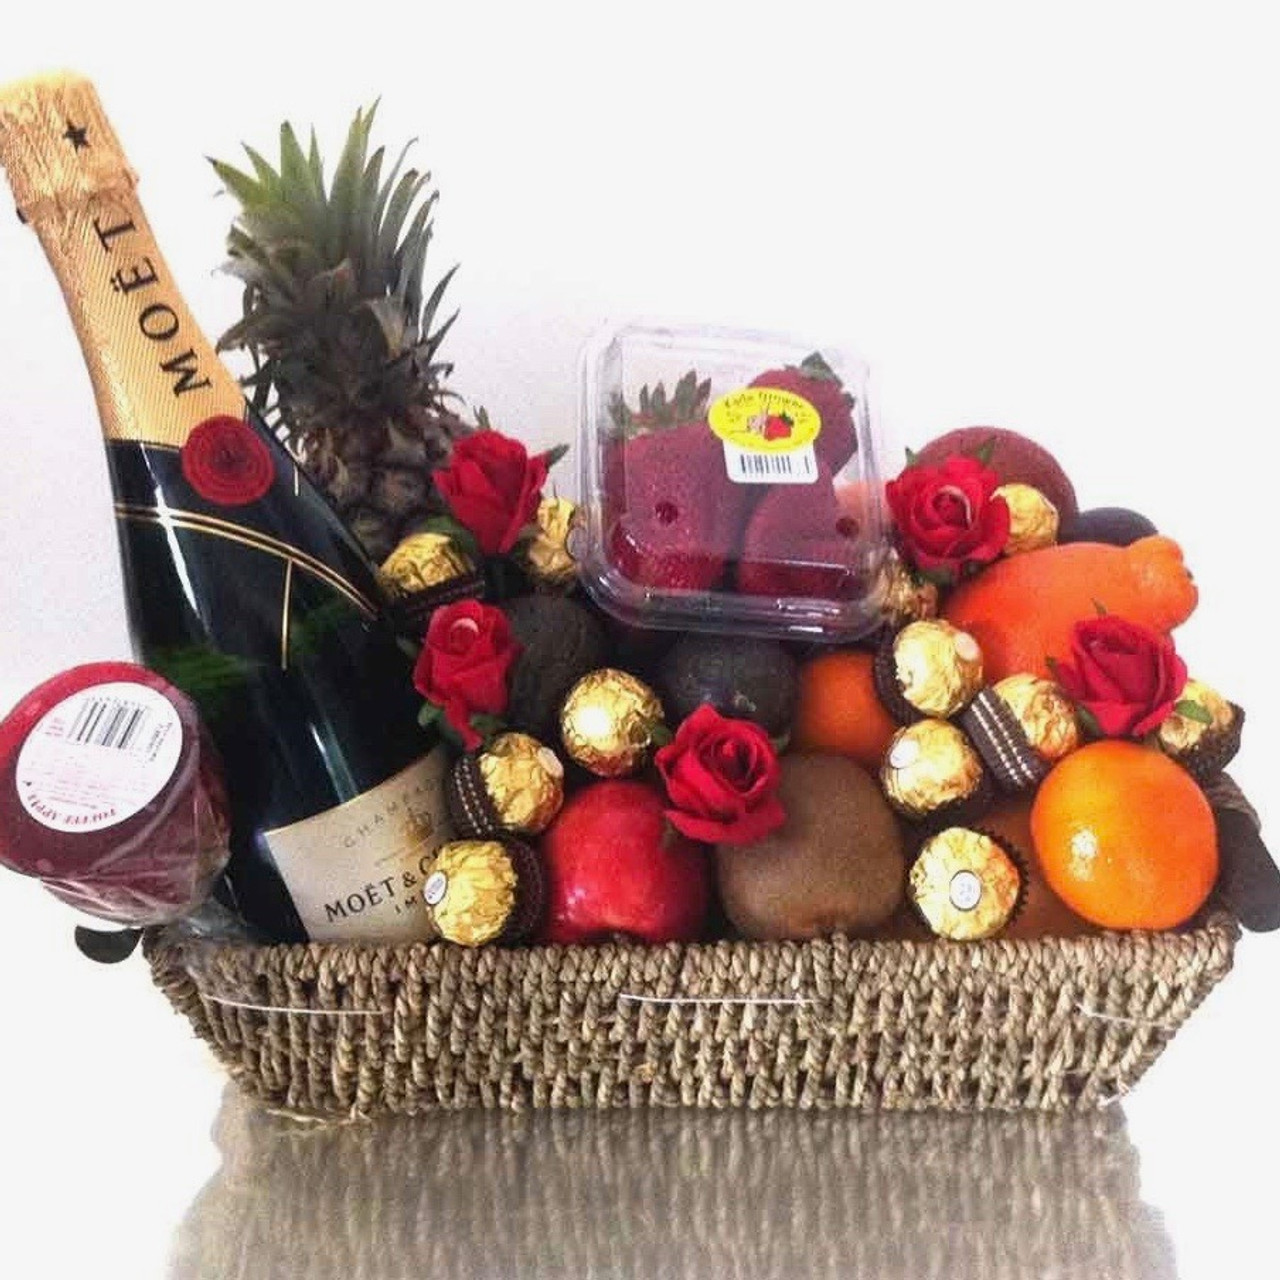 Luxury Indulgence Gift Basket with Roses